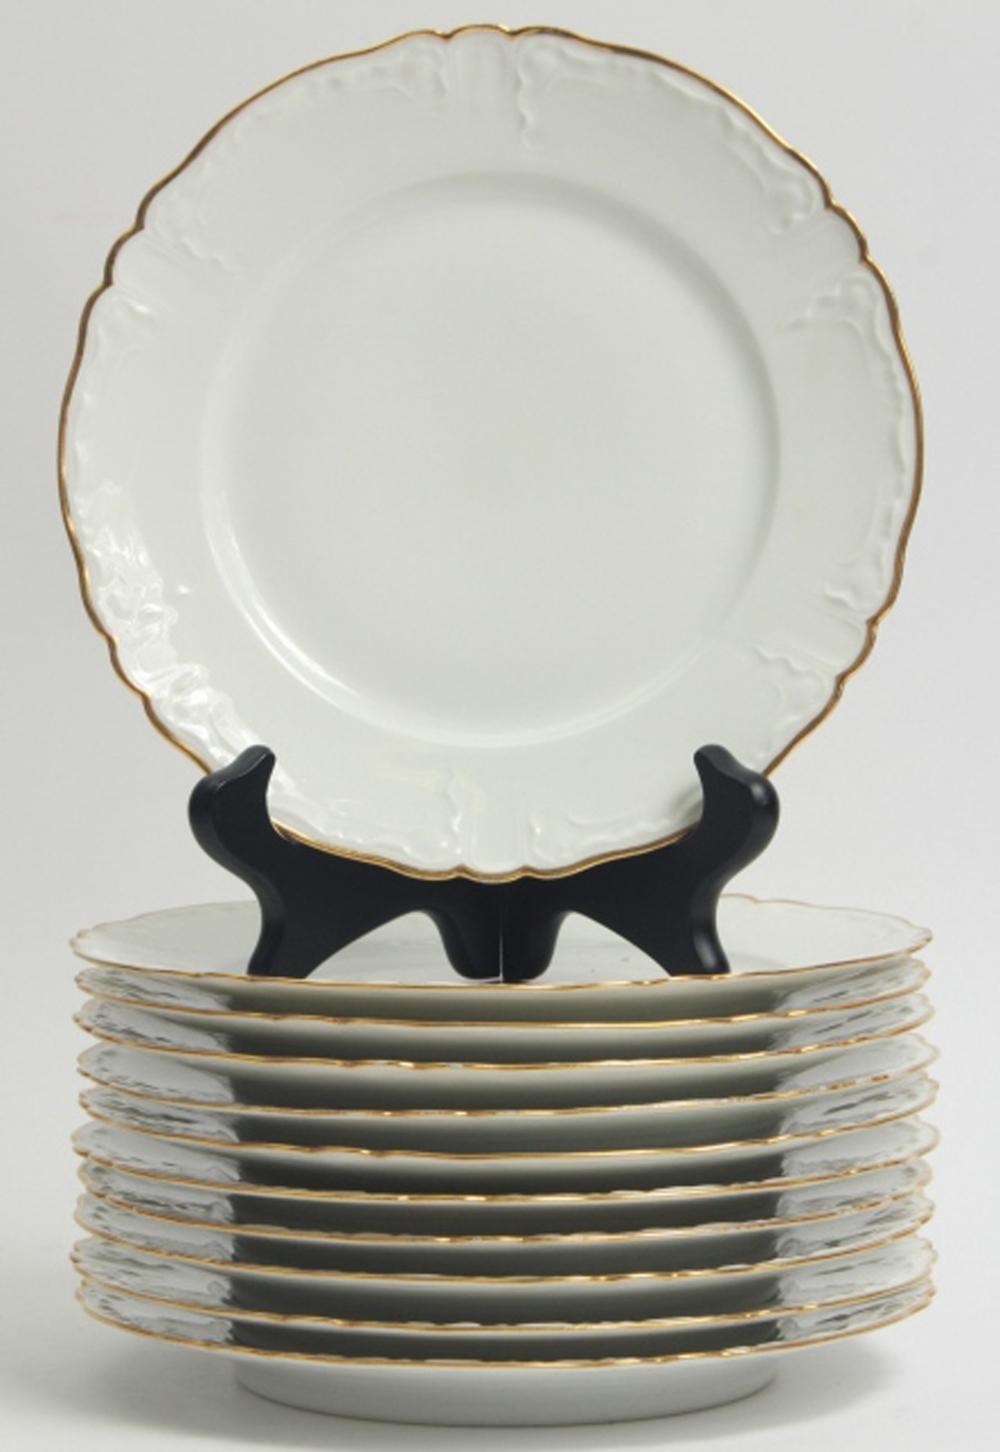 11 Haviland Limoges Porcelain Bread Plates